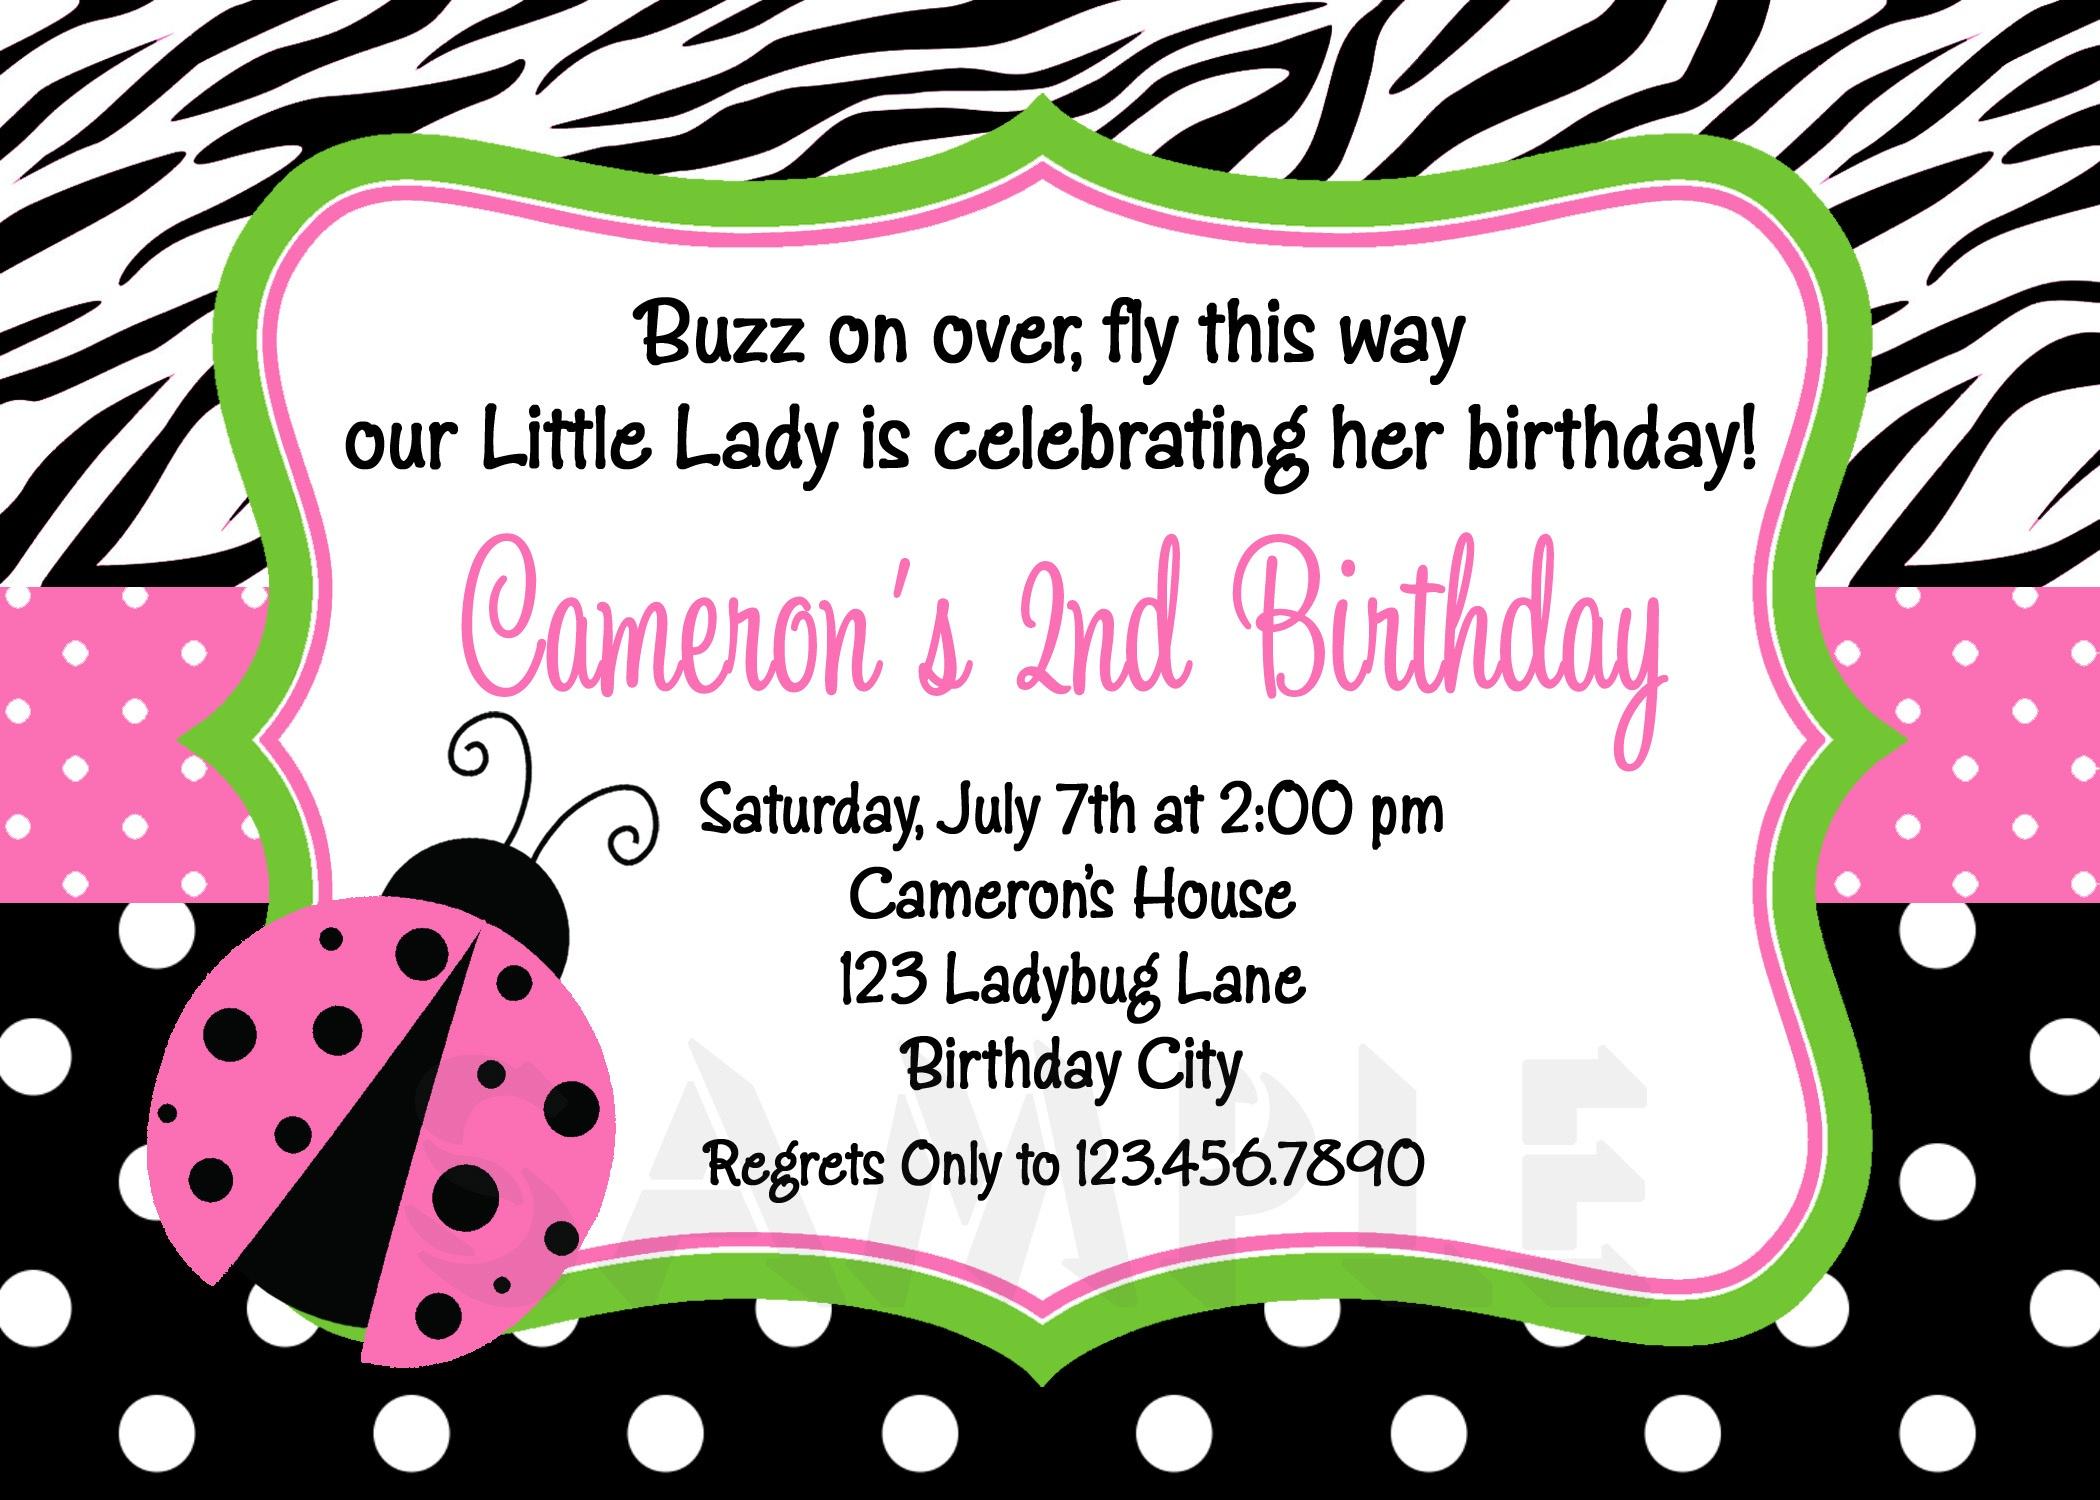 Photo : Free Ladybug Baby Shower Image - Free Printable Ladybug Baby Shower Invitations Templates